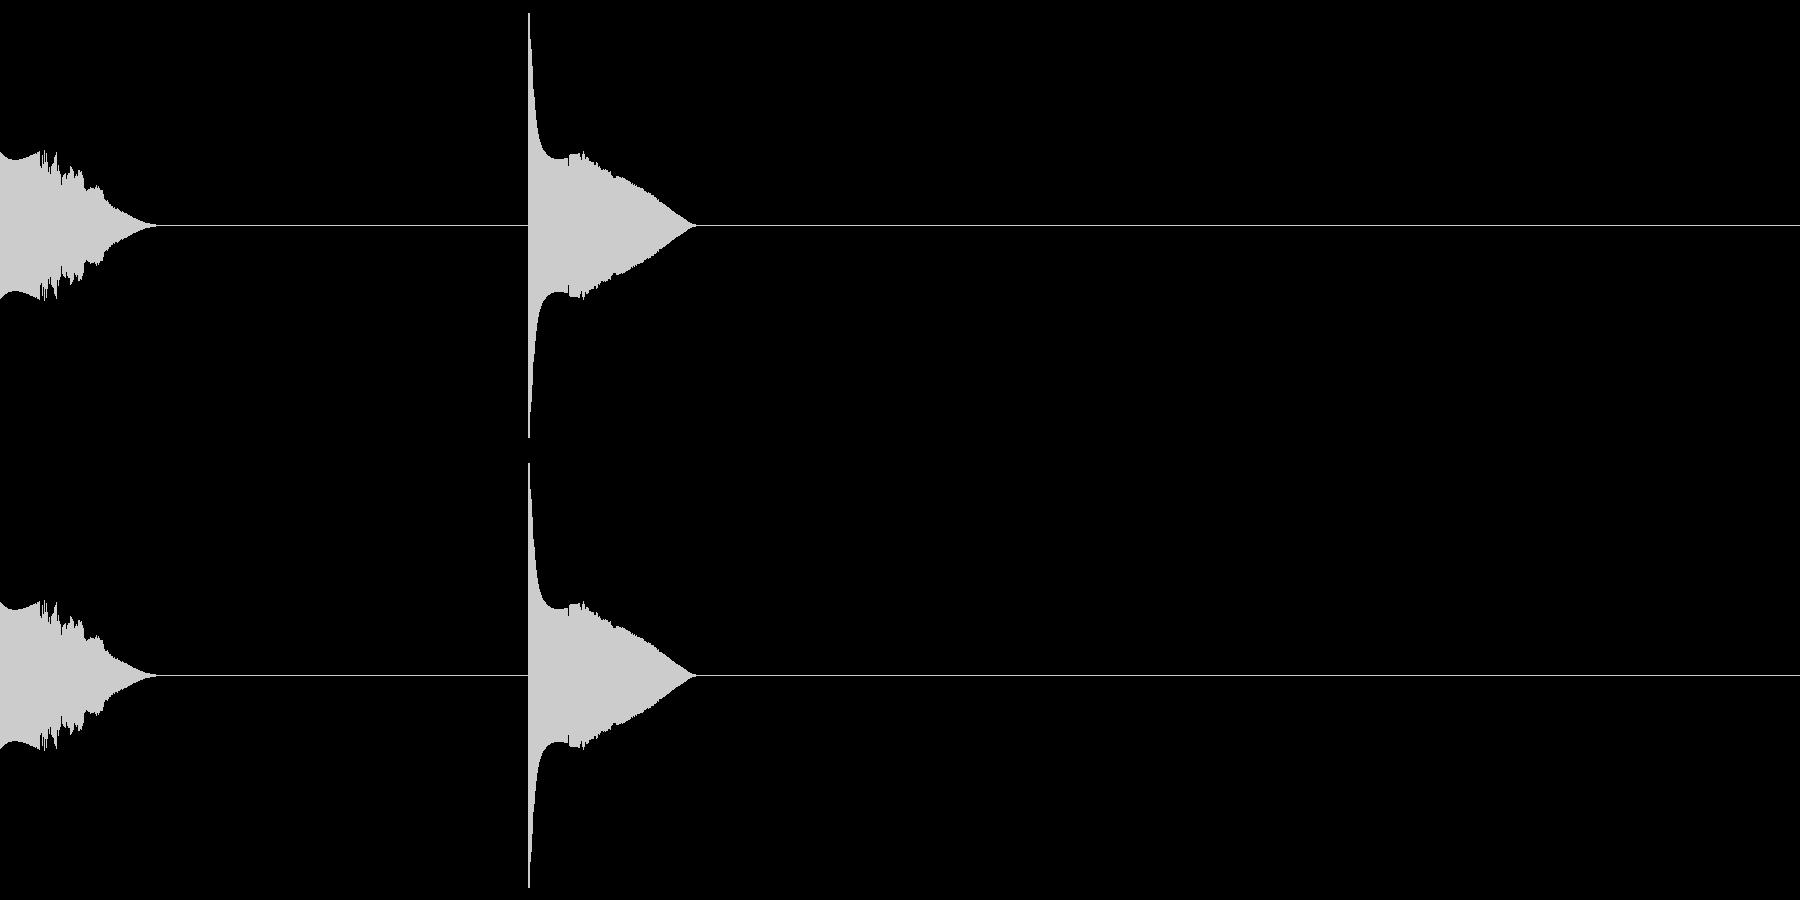 レーザーシャープリングeの未再生の波形